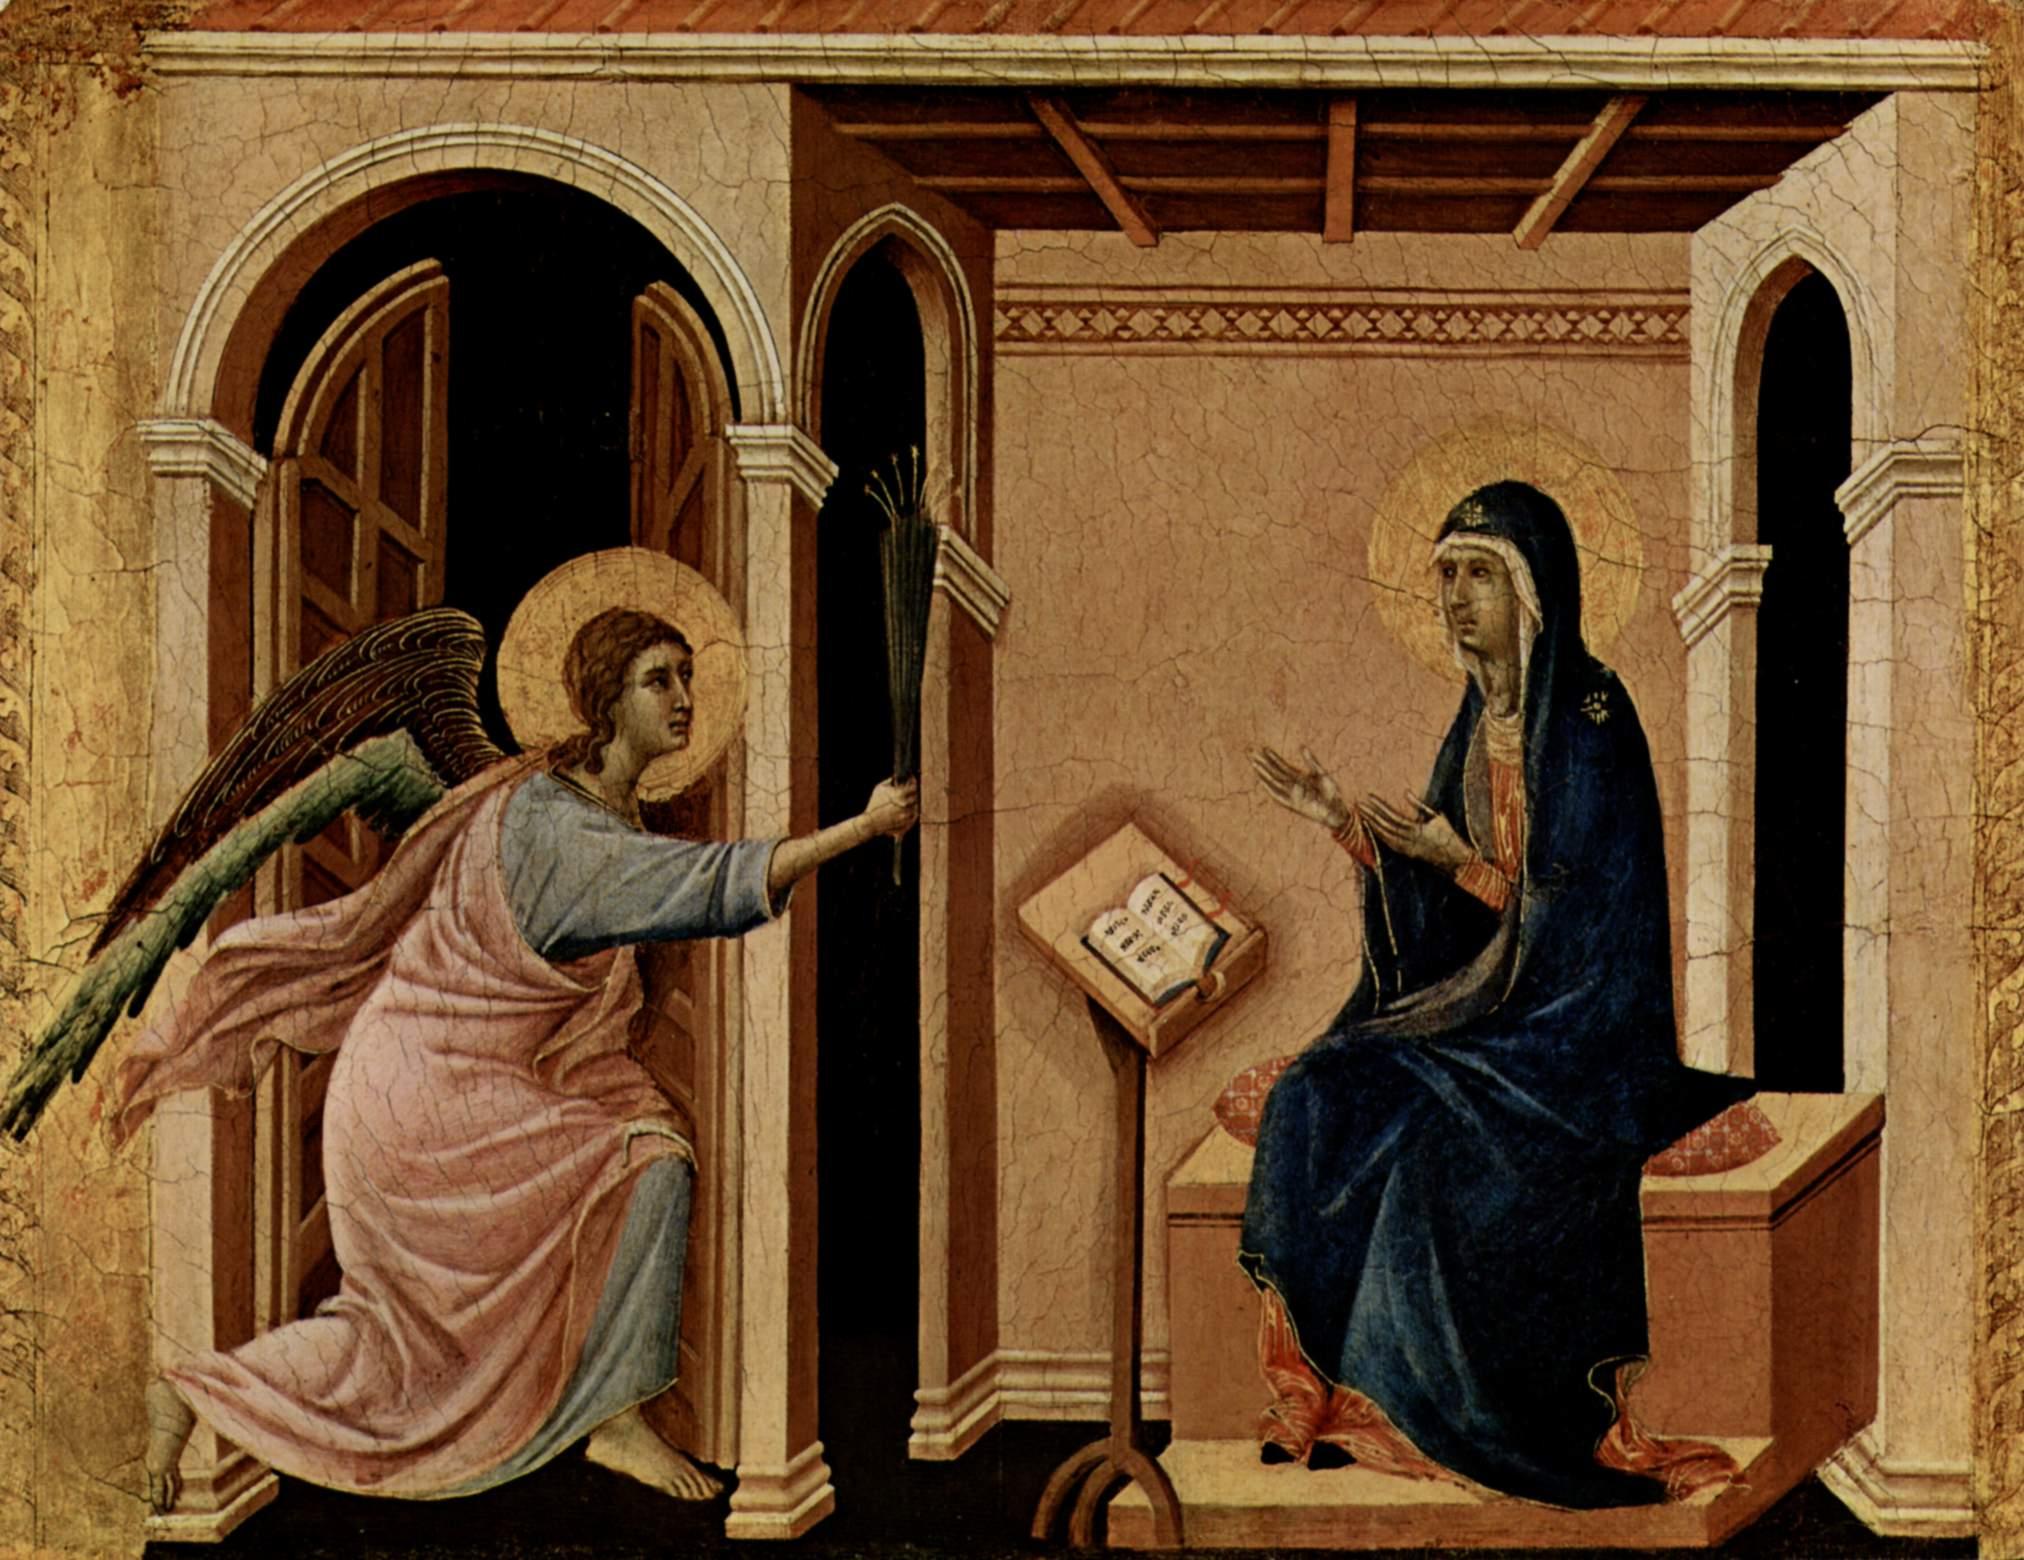 Маэста, алтарь сиенского кафедрального собора, передняя сторона, пределла со сценами из детства Иису, Дуччо ди Буонинсенья